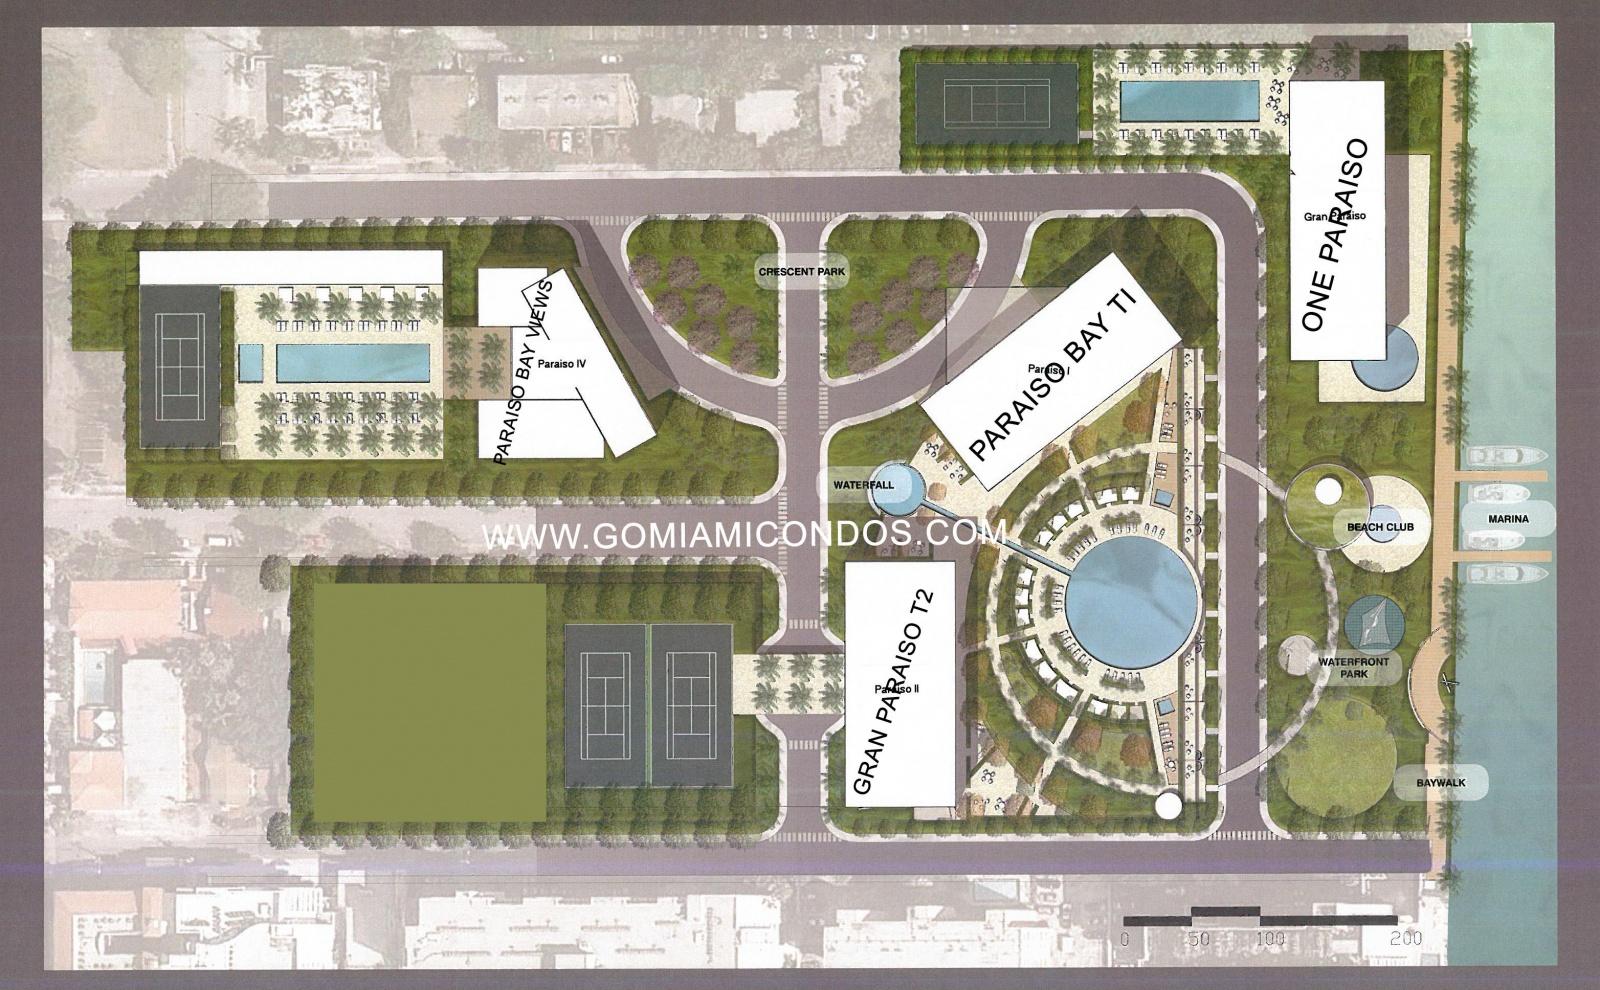 Gran paraiso edgewater master plan